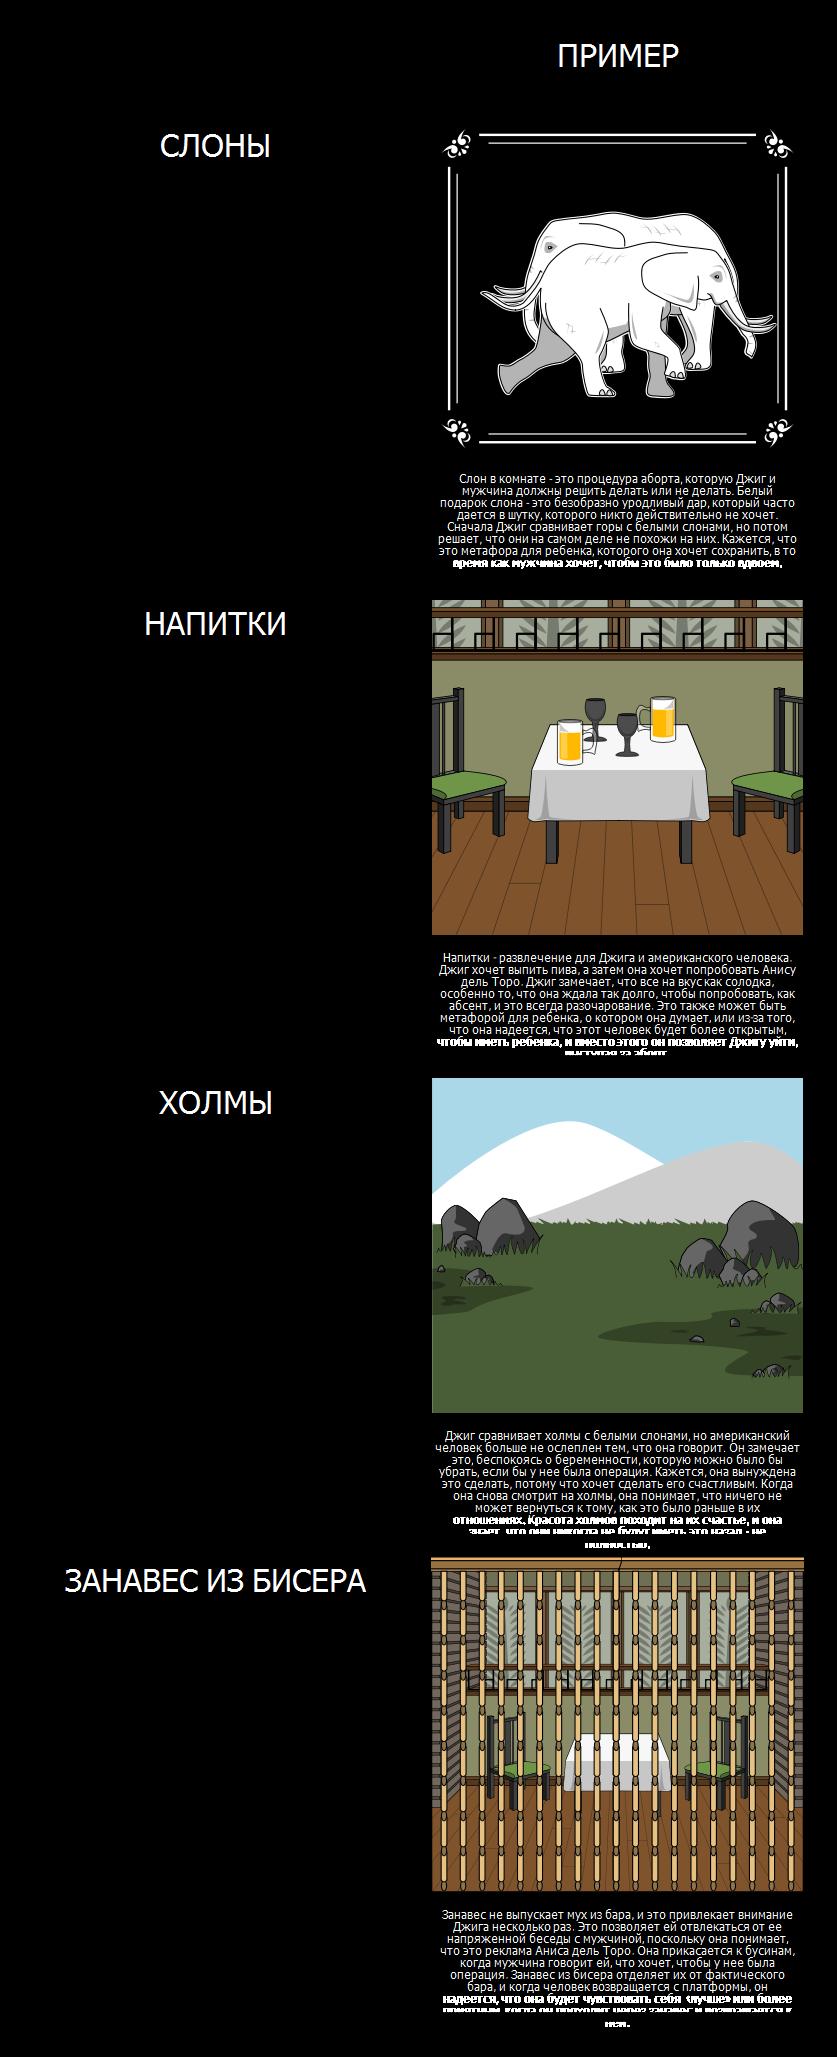 Темы, Символы и Мотивы в Холмы, как Белые Слоны